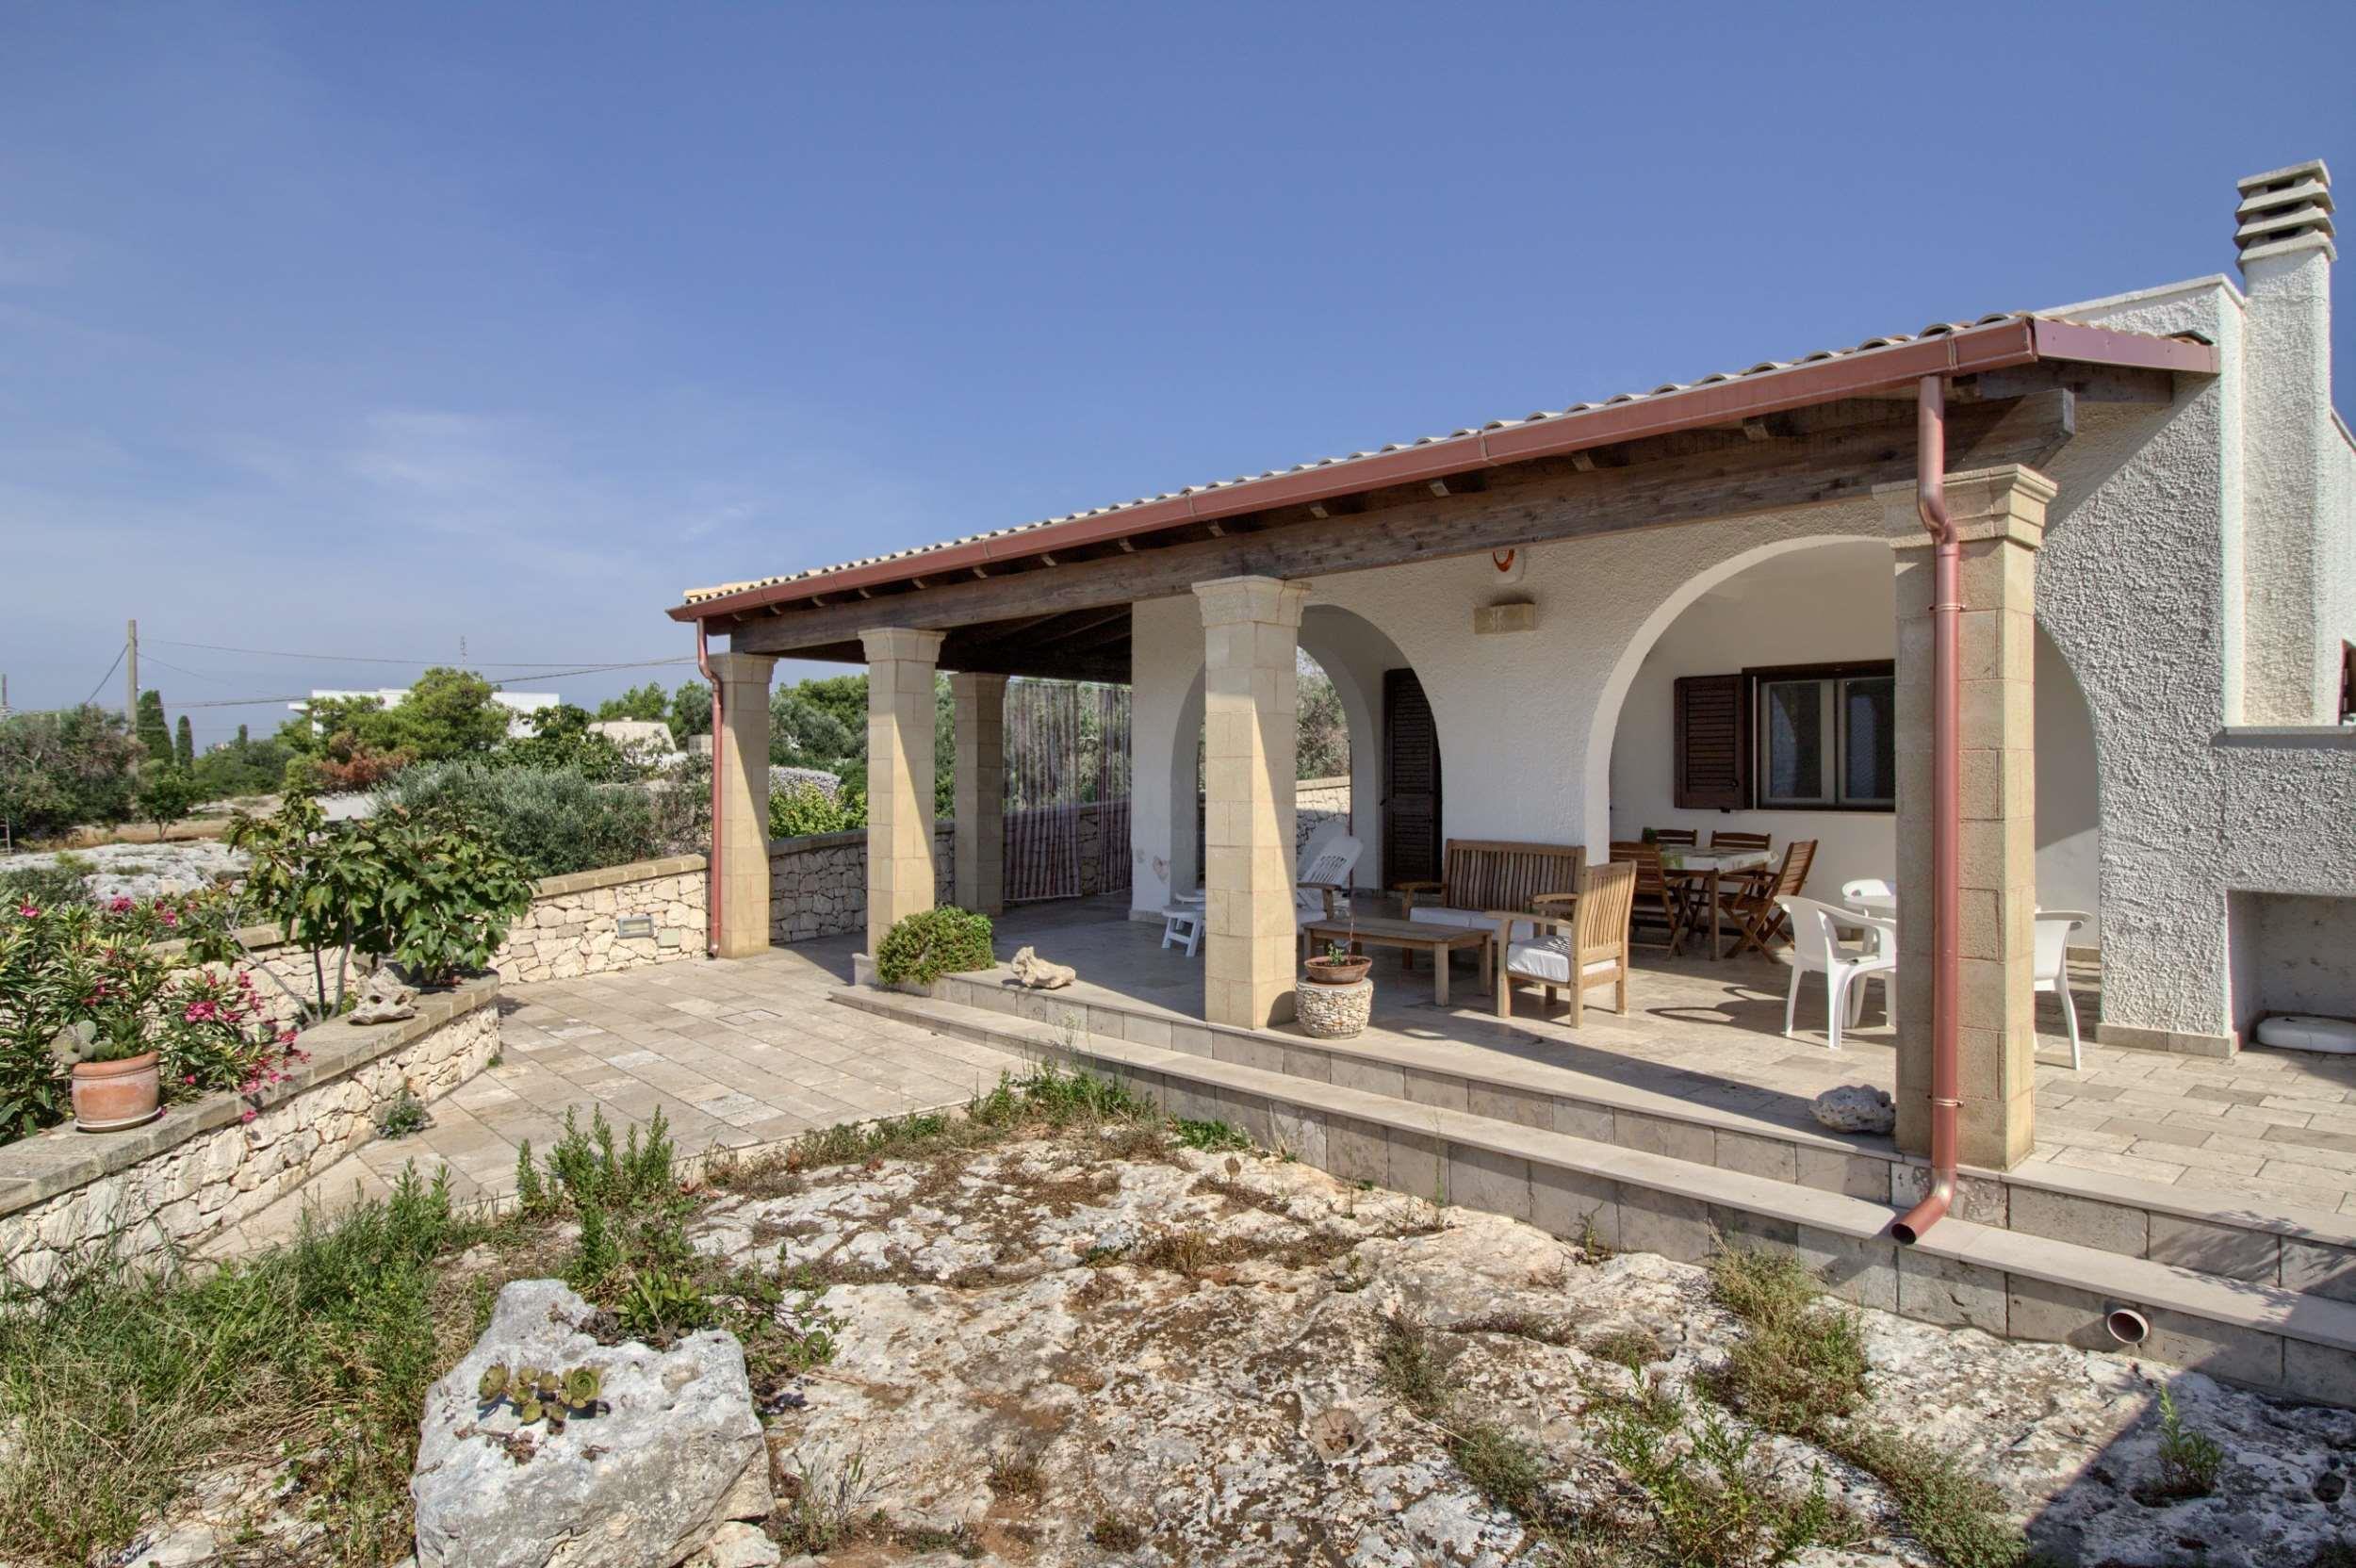 Apartment Grazia lovely seaview Pescoluse photo 22470578